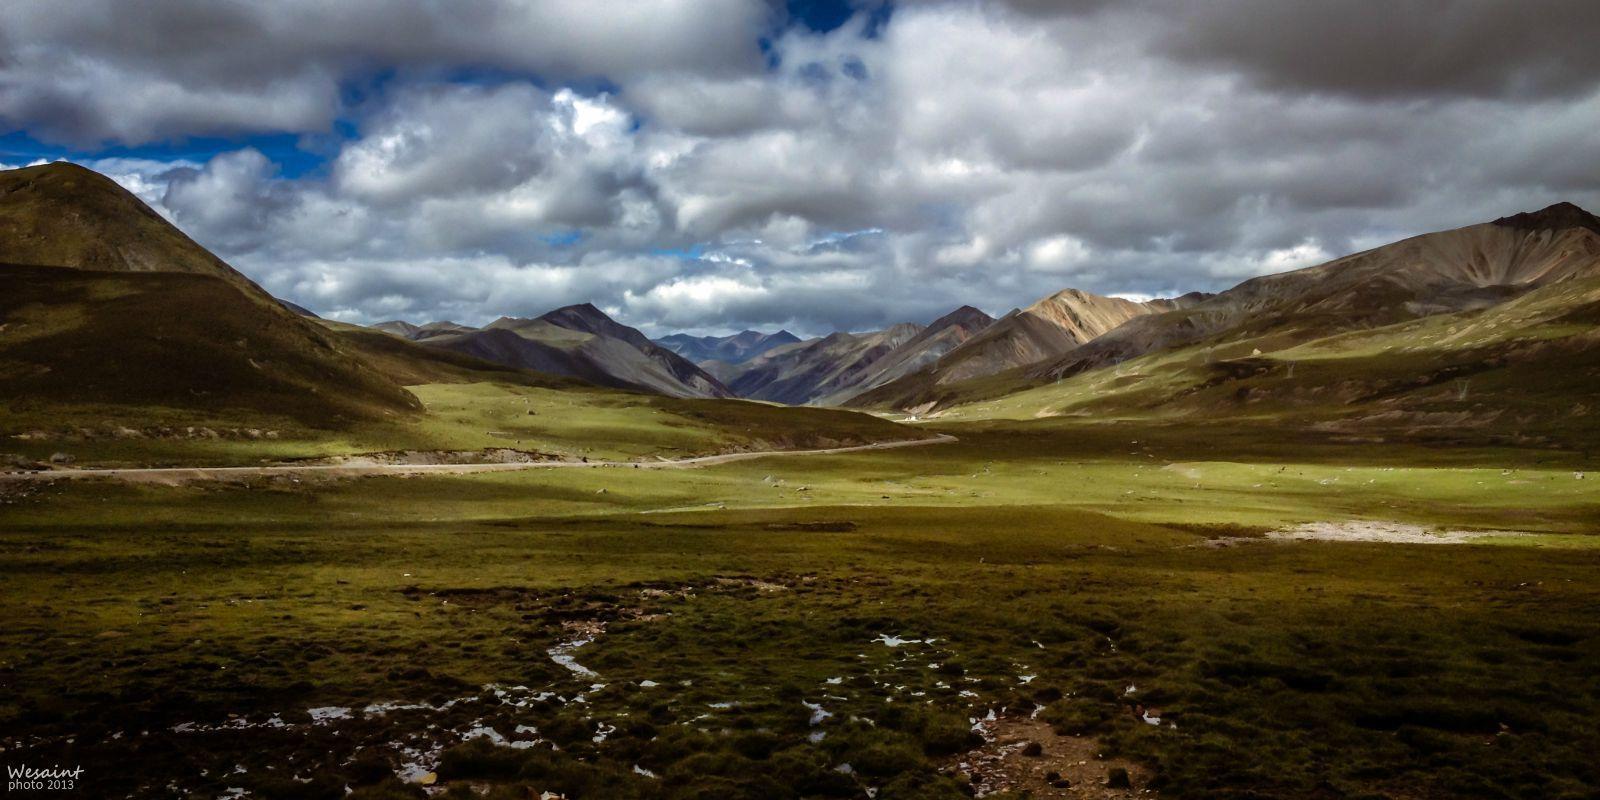 爬米拉山口时往拉萨方向回望